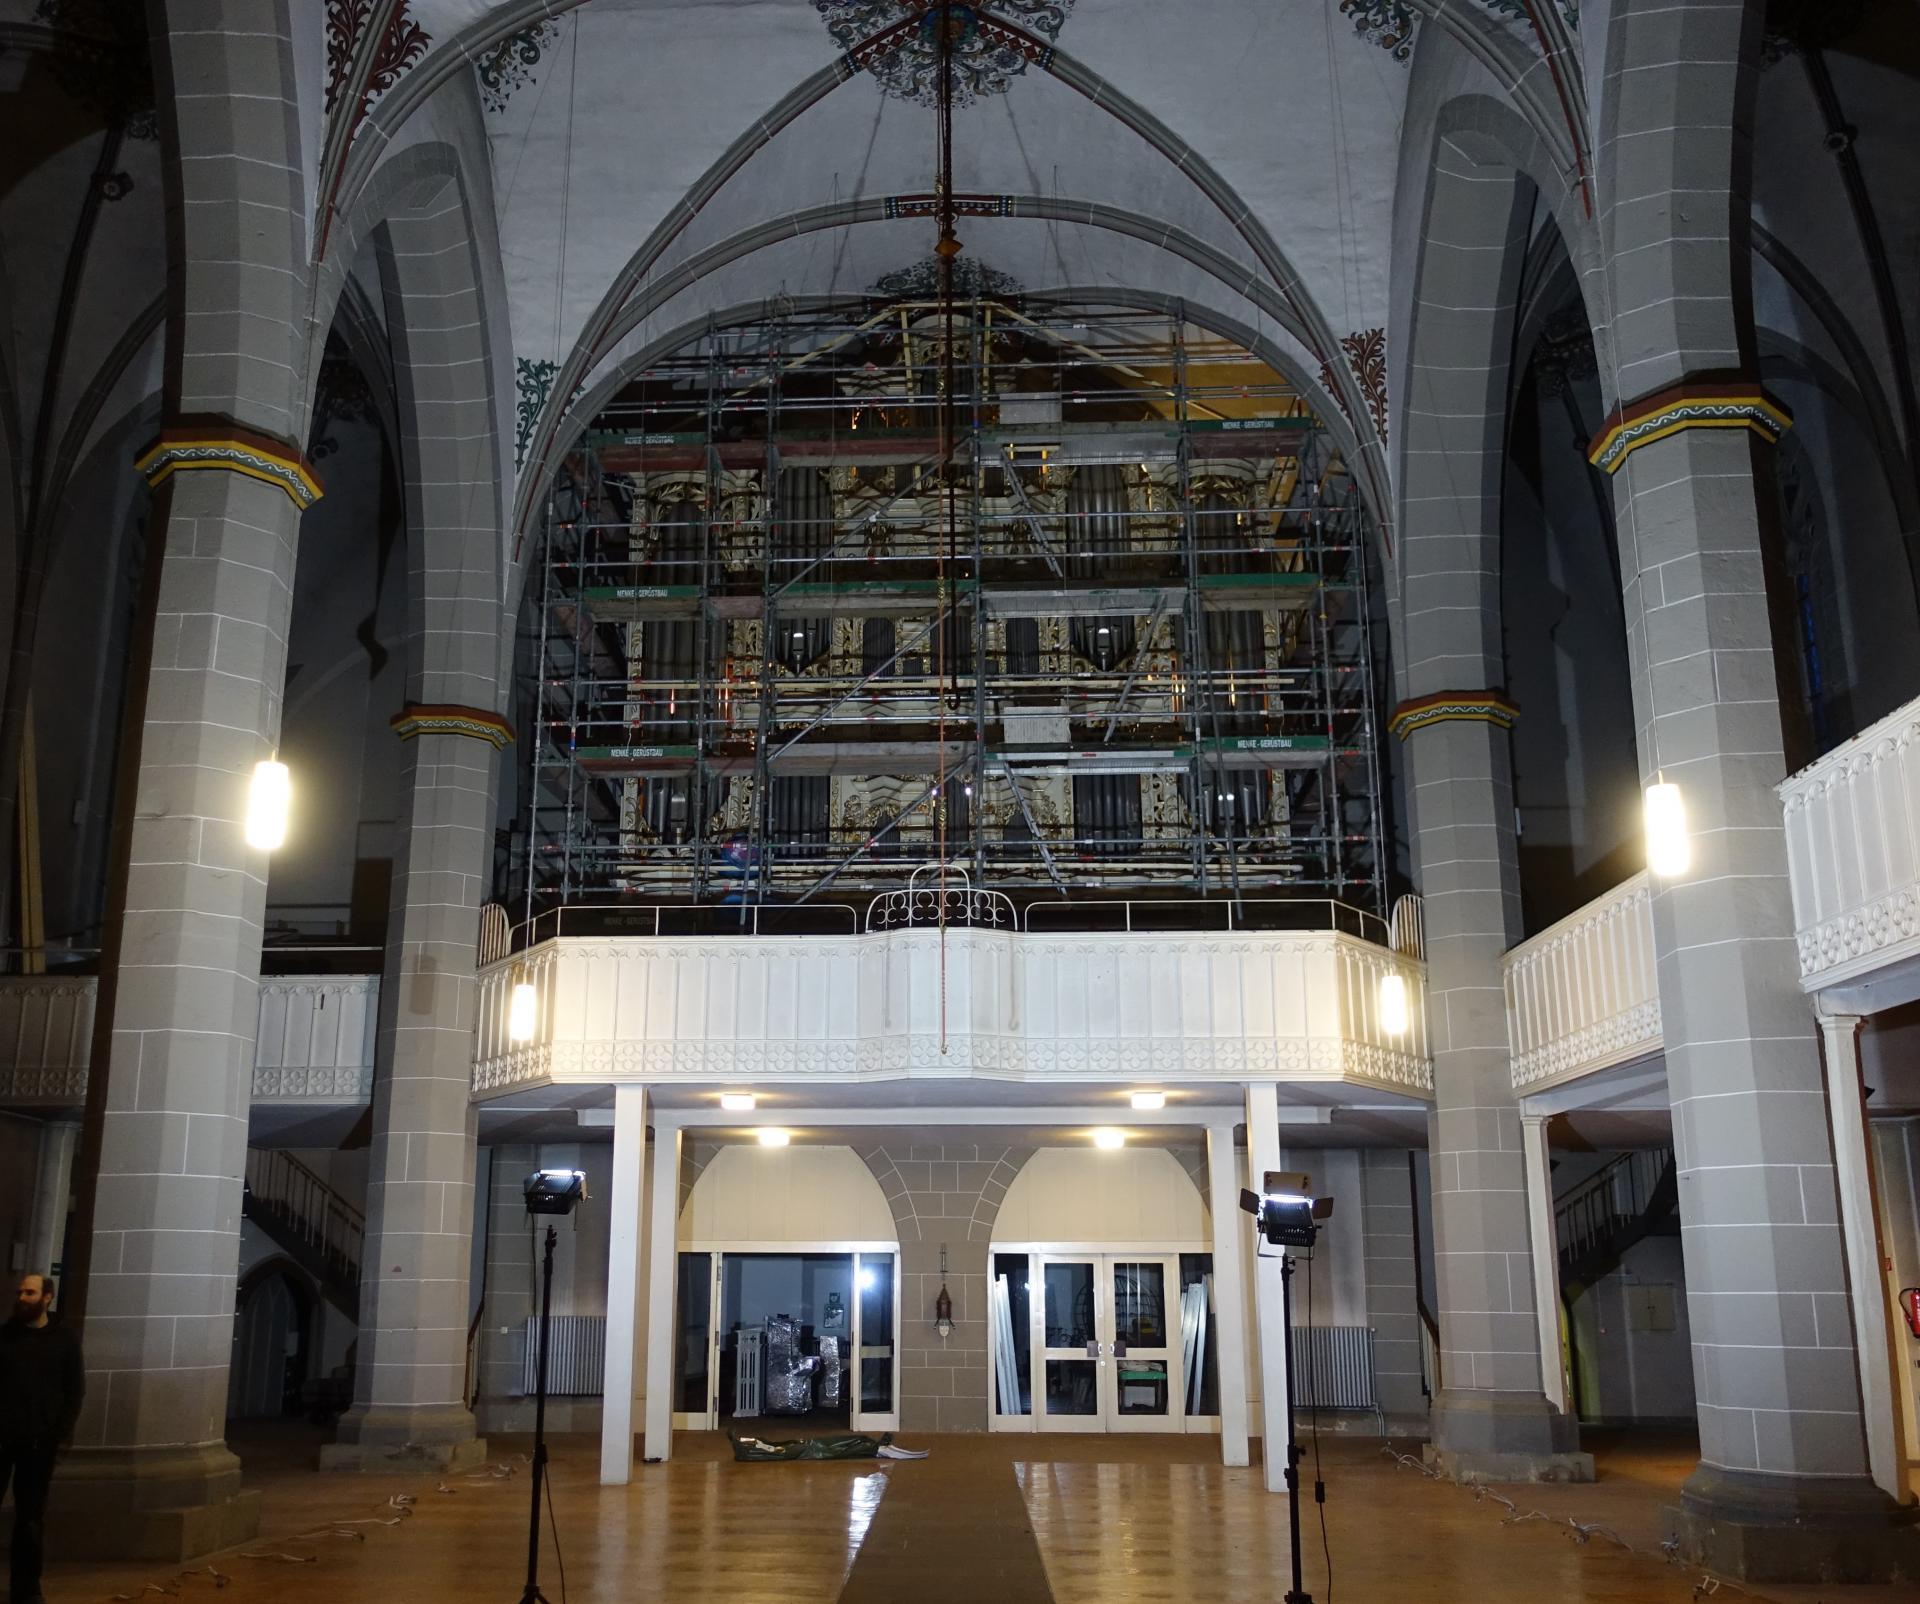 Einrüstung der Orgel am 13.01.2020 durch Fa. Menke (Gerüst) unter Anleitung des Orgelbauers Bente